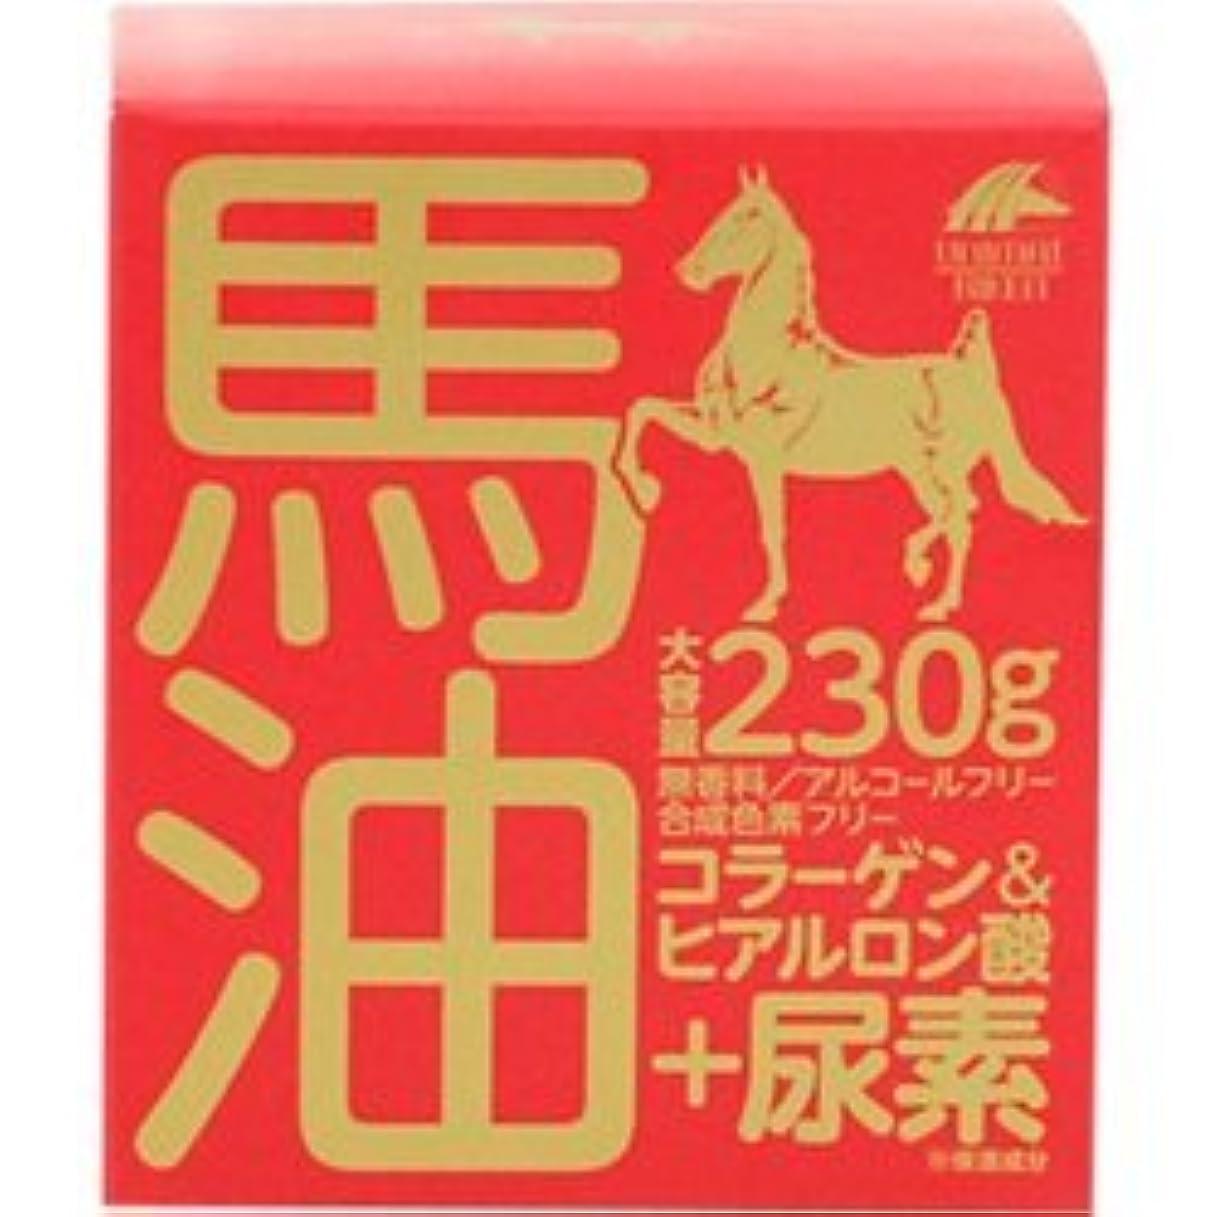 多様体偽善者耐えられない【ユニマットリケン】馬油クリーム+尿素 230g ×10個セット